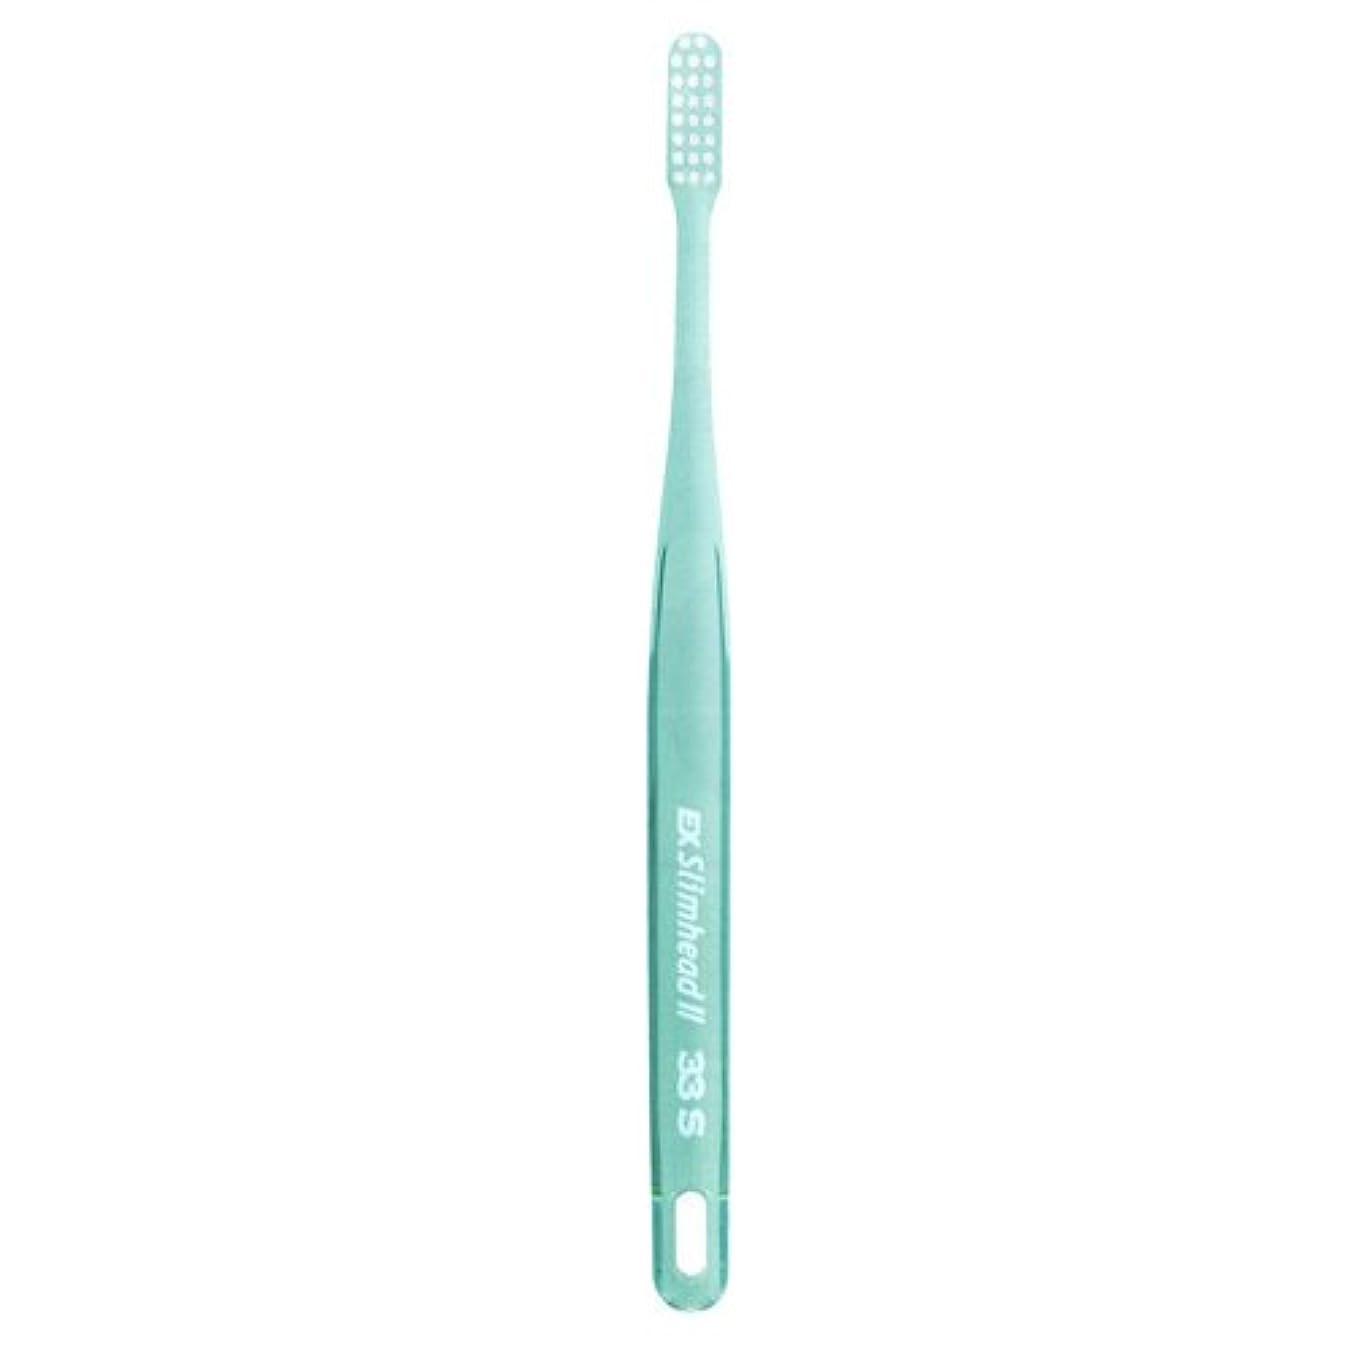 シソーラスクルーズビルライオン スリムヘッド2 歯ブラシ DENT . EX Slimhead2 1本 33S クリアグリーン